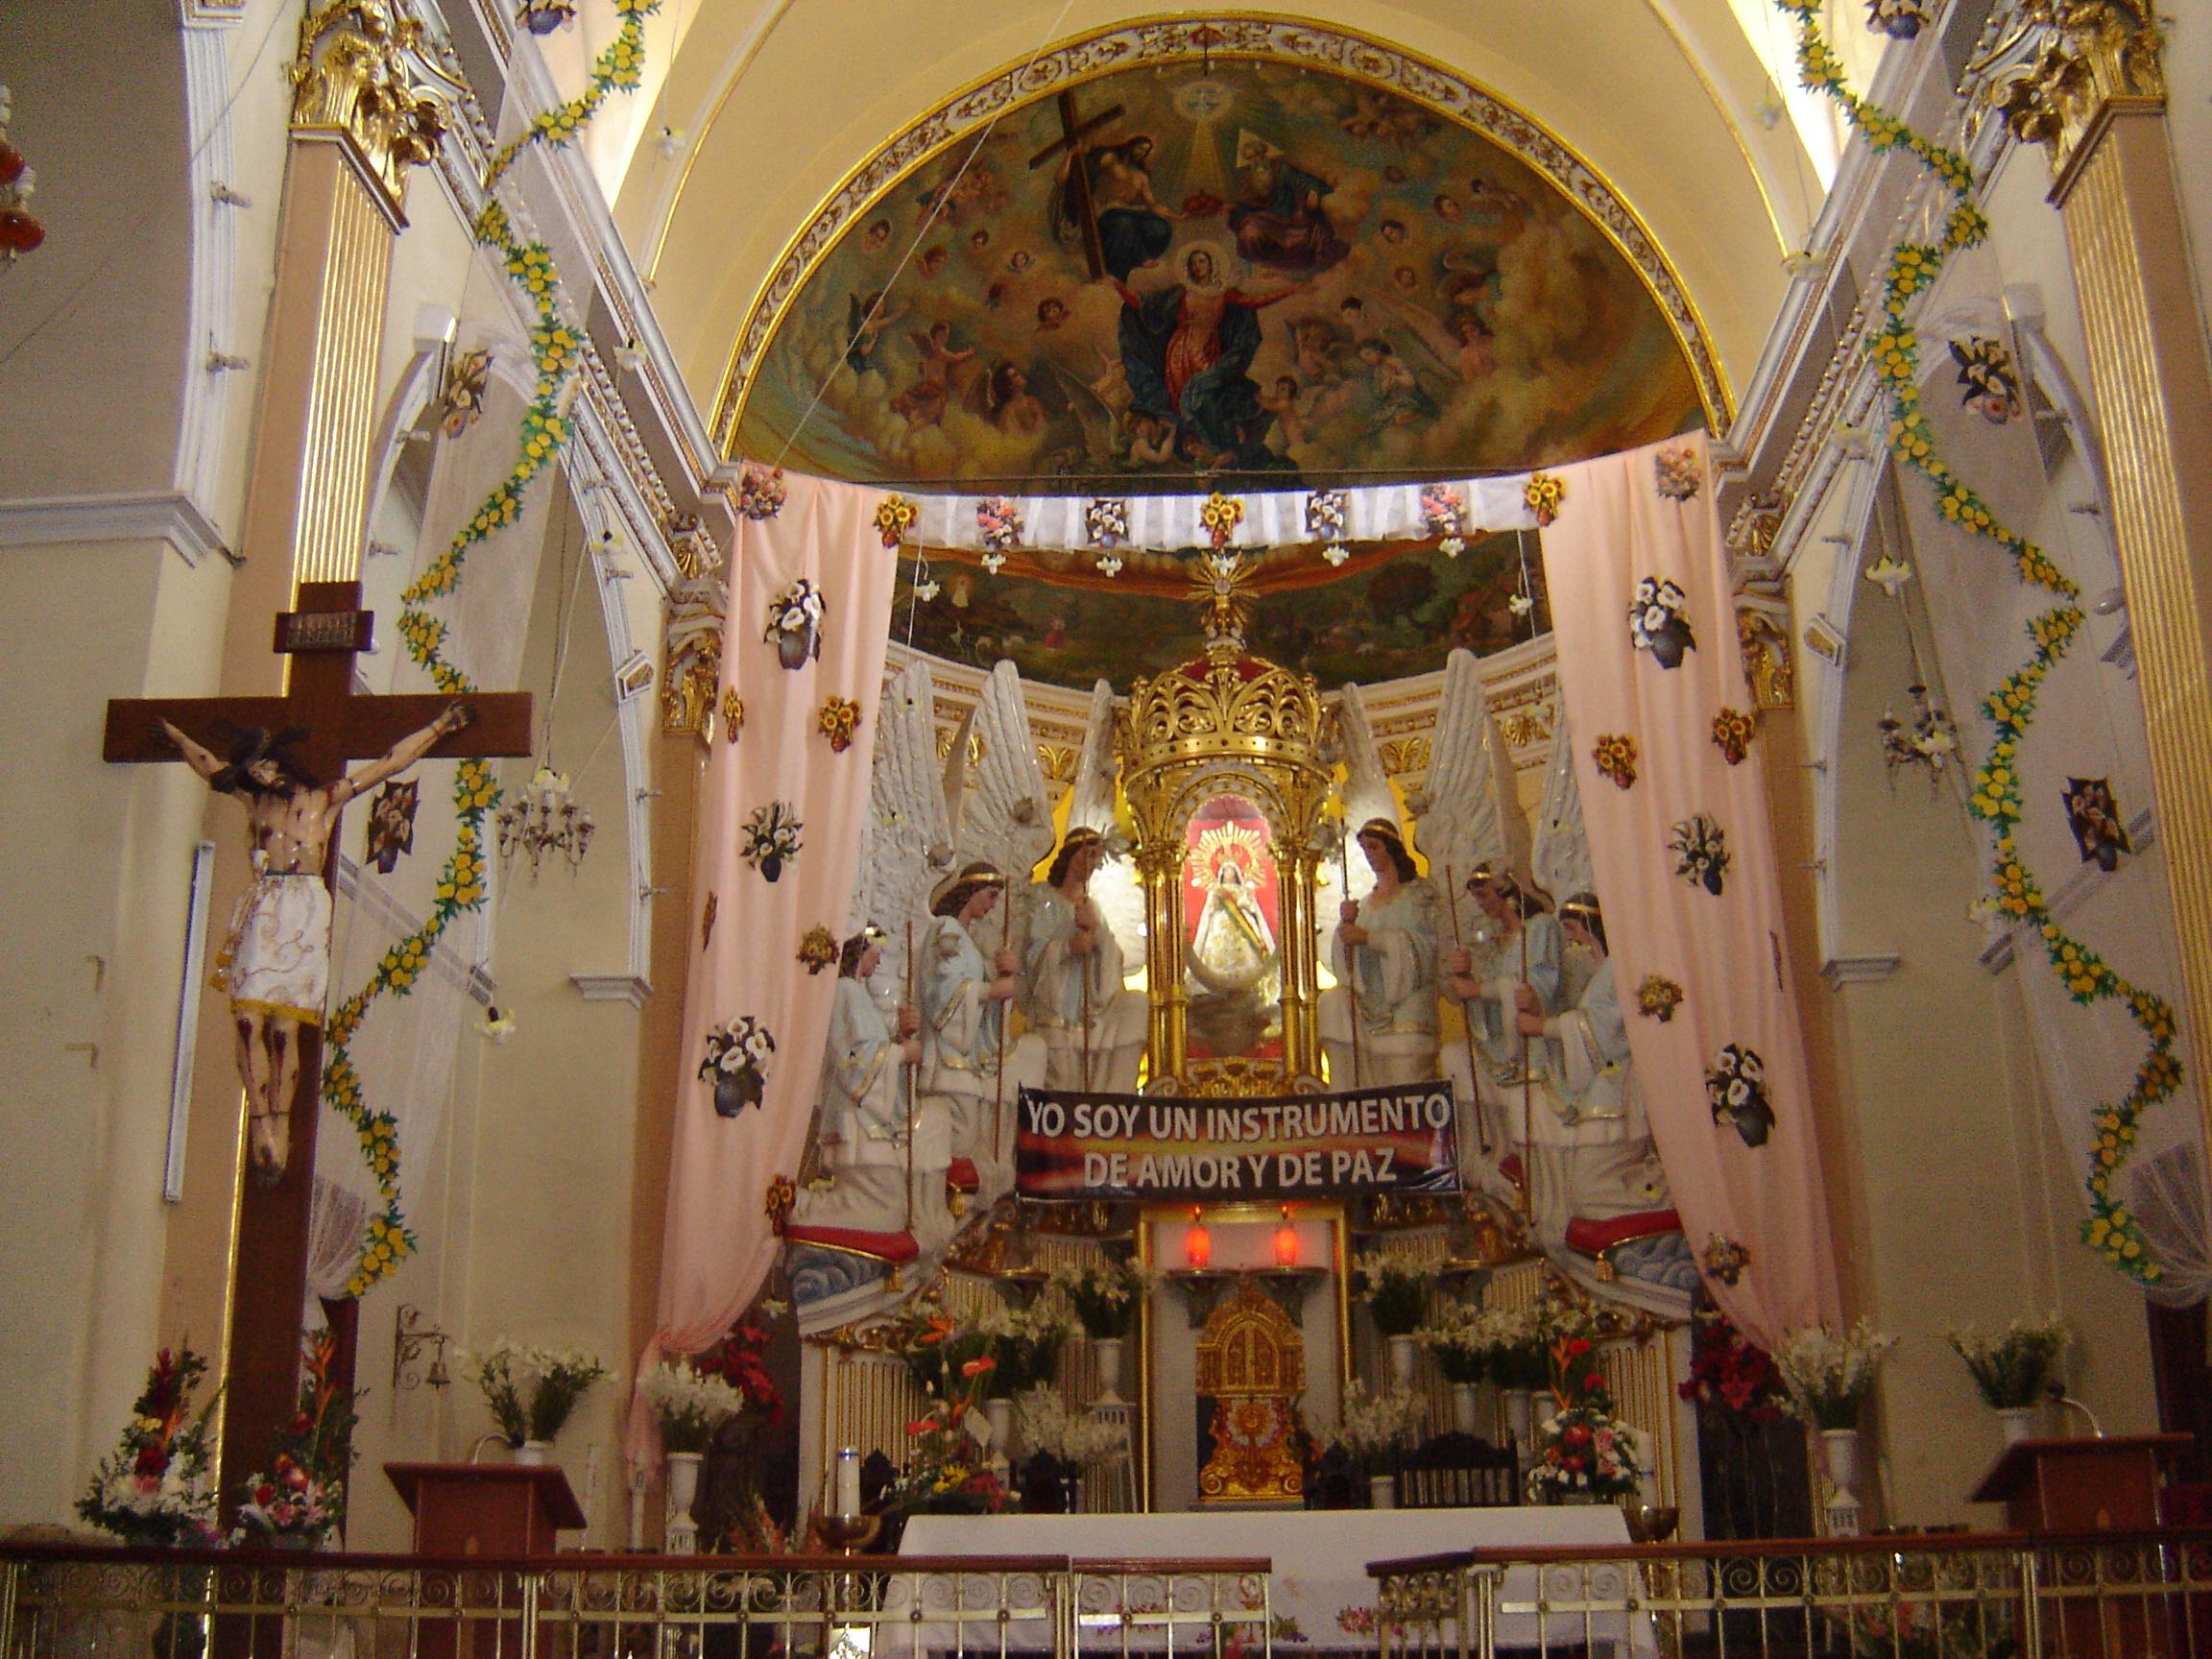 Decoracion De Altar De Virgen De Urkupi?a ~ File Virgen Mar?a de Urqupi?a en su altar JPG  Wikimedia Commons